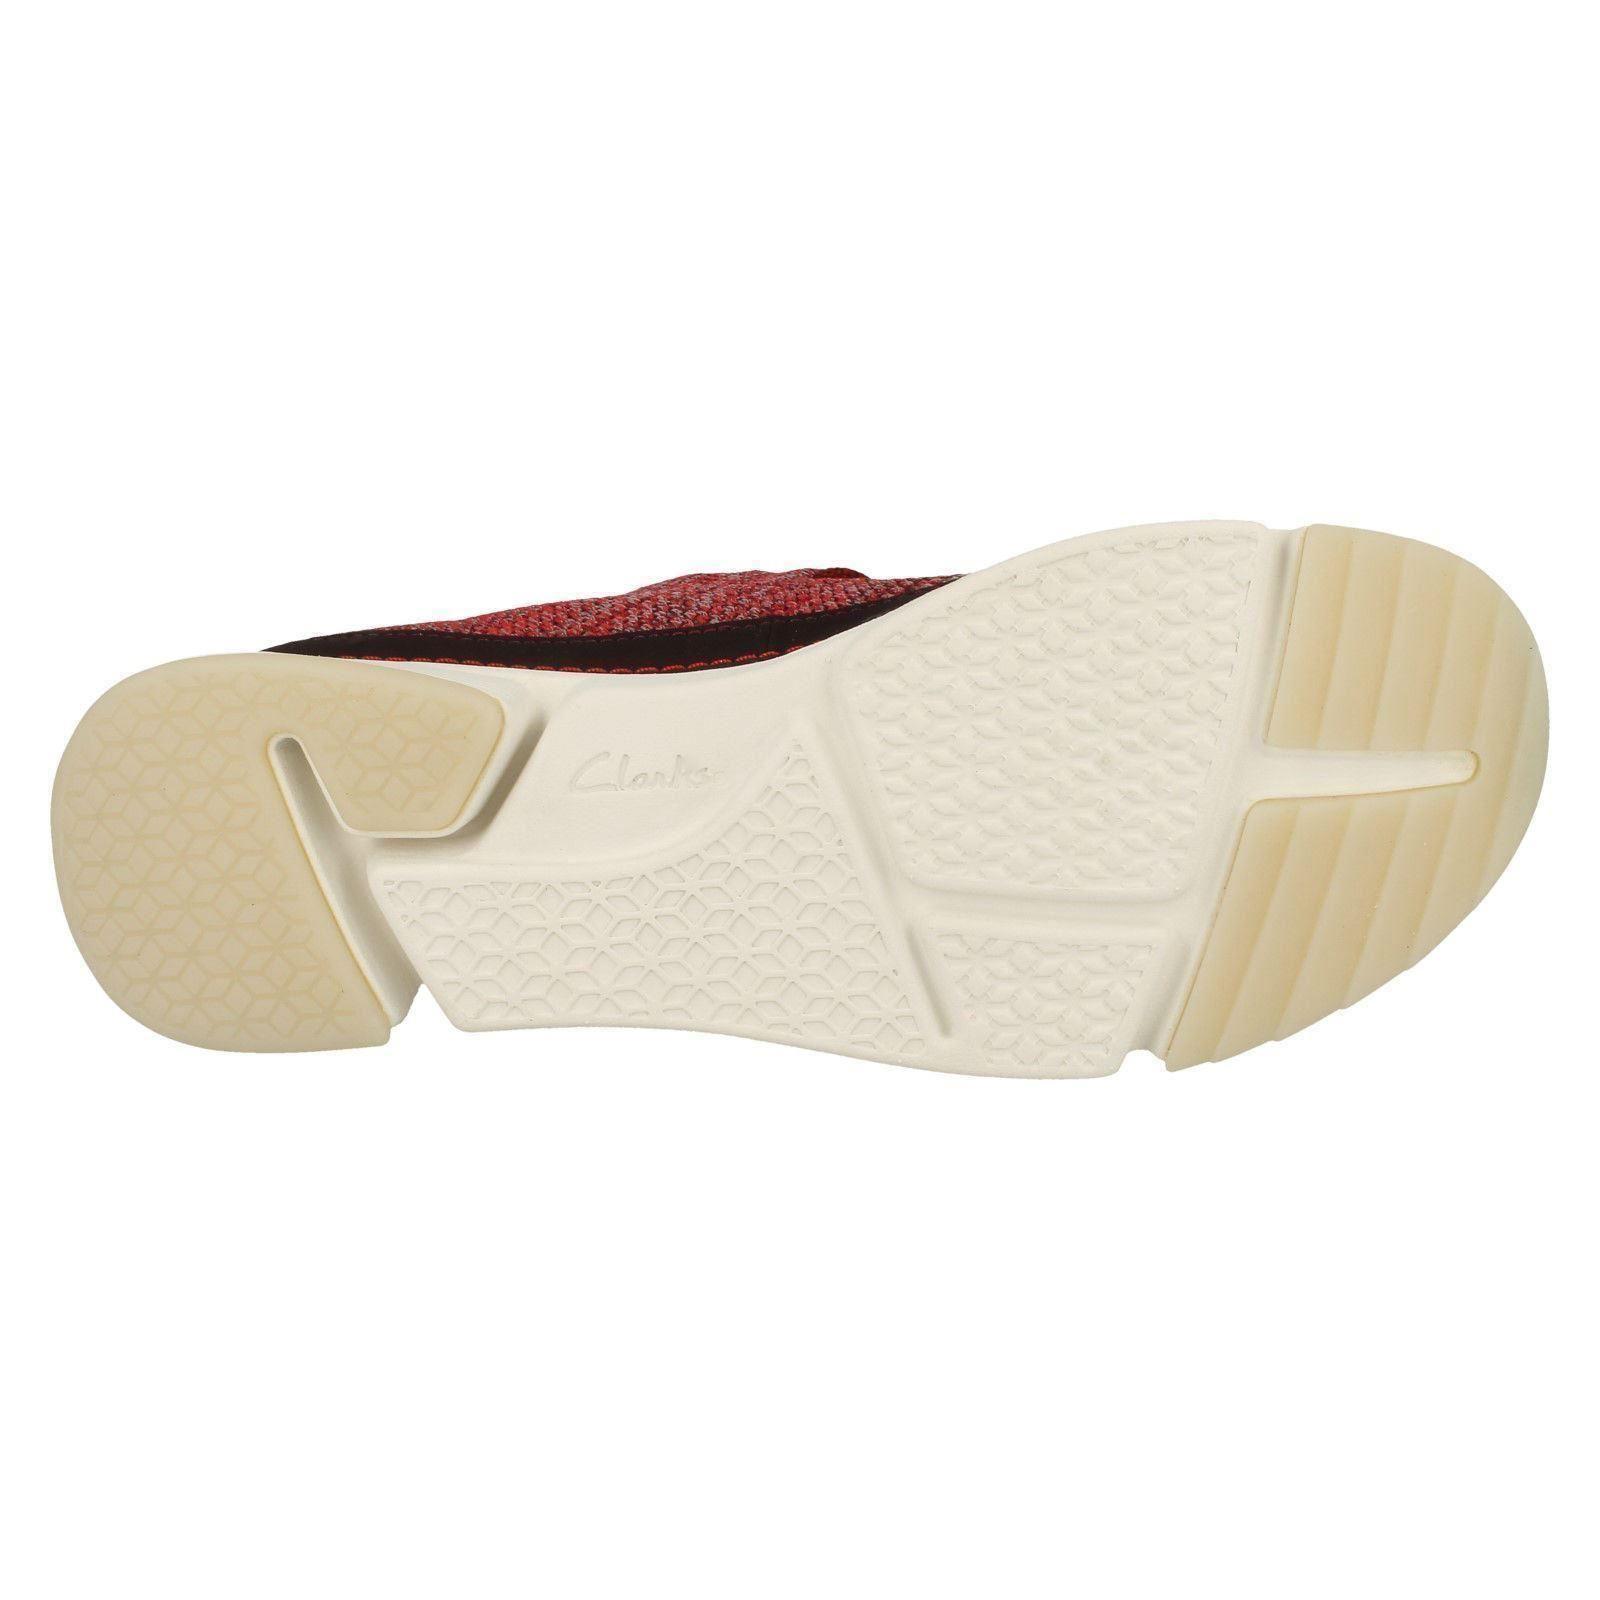 Clarks Donna Sportivi Scarpe Native Da Ginnastica Tri Native Scarpe ceb942